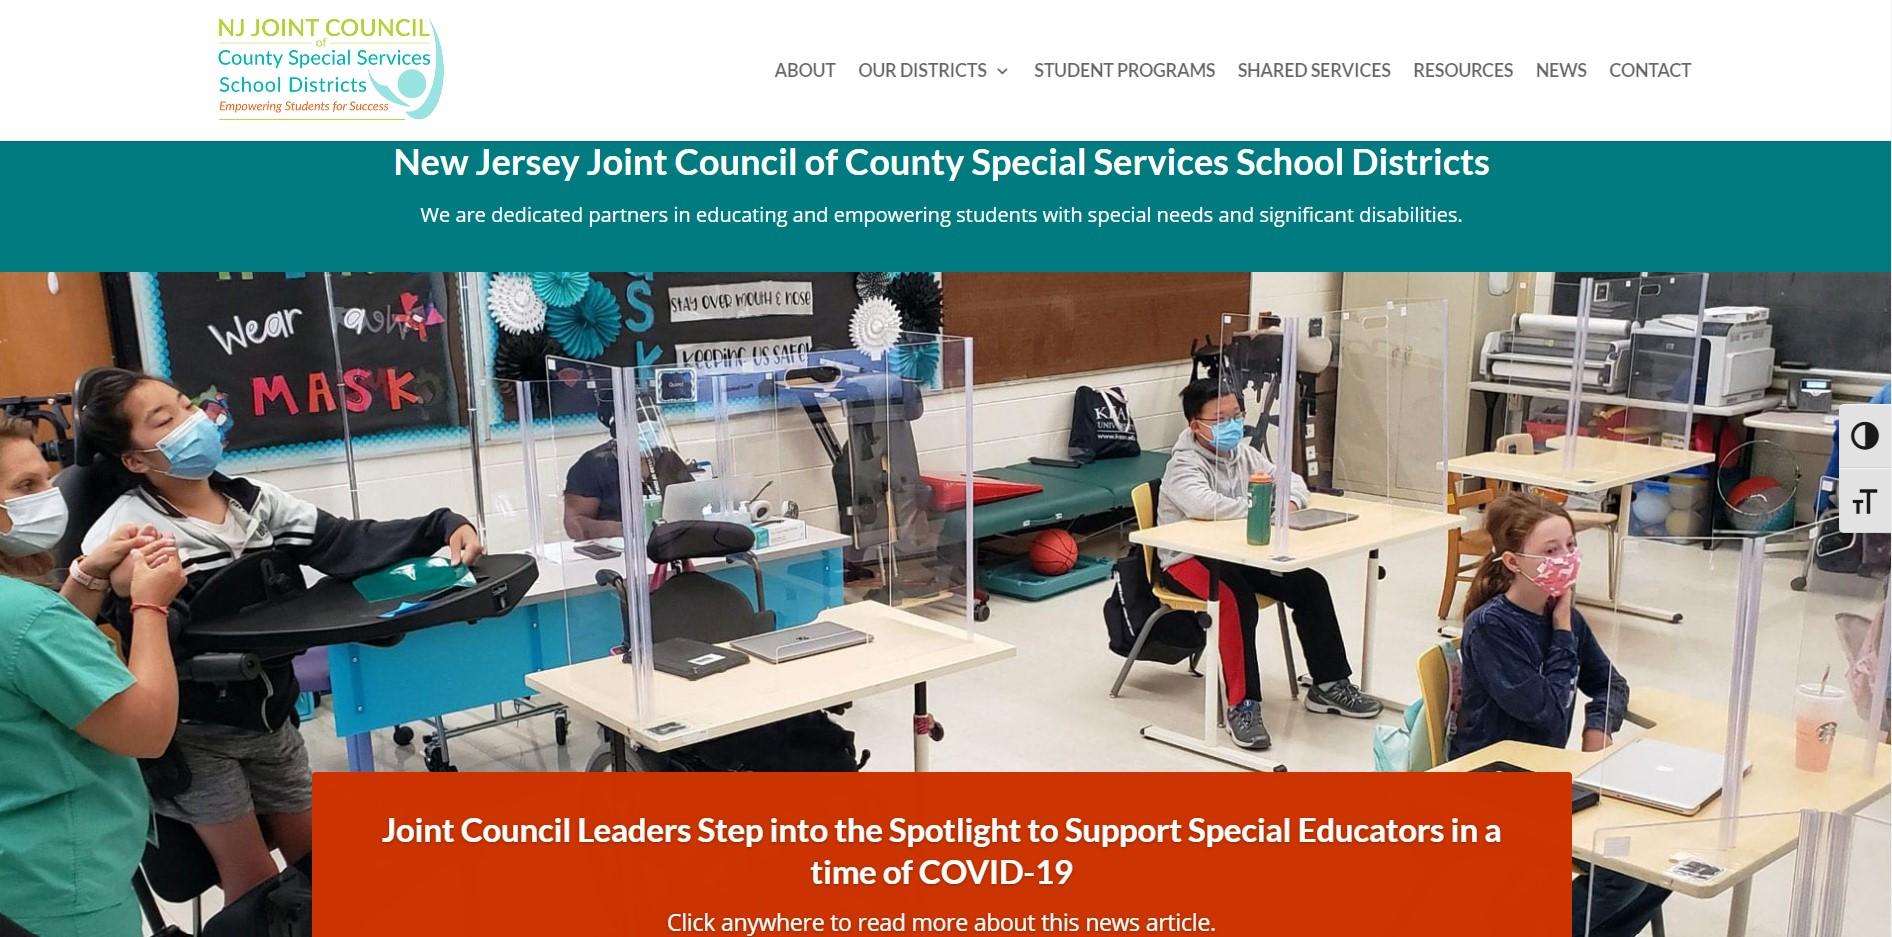 Joint Council website screenshot